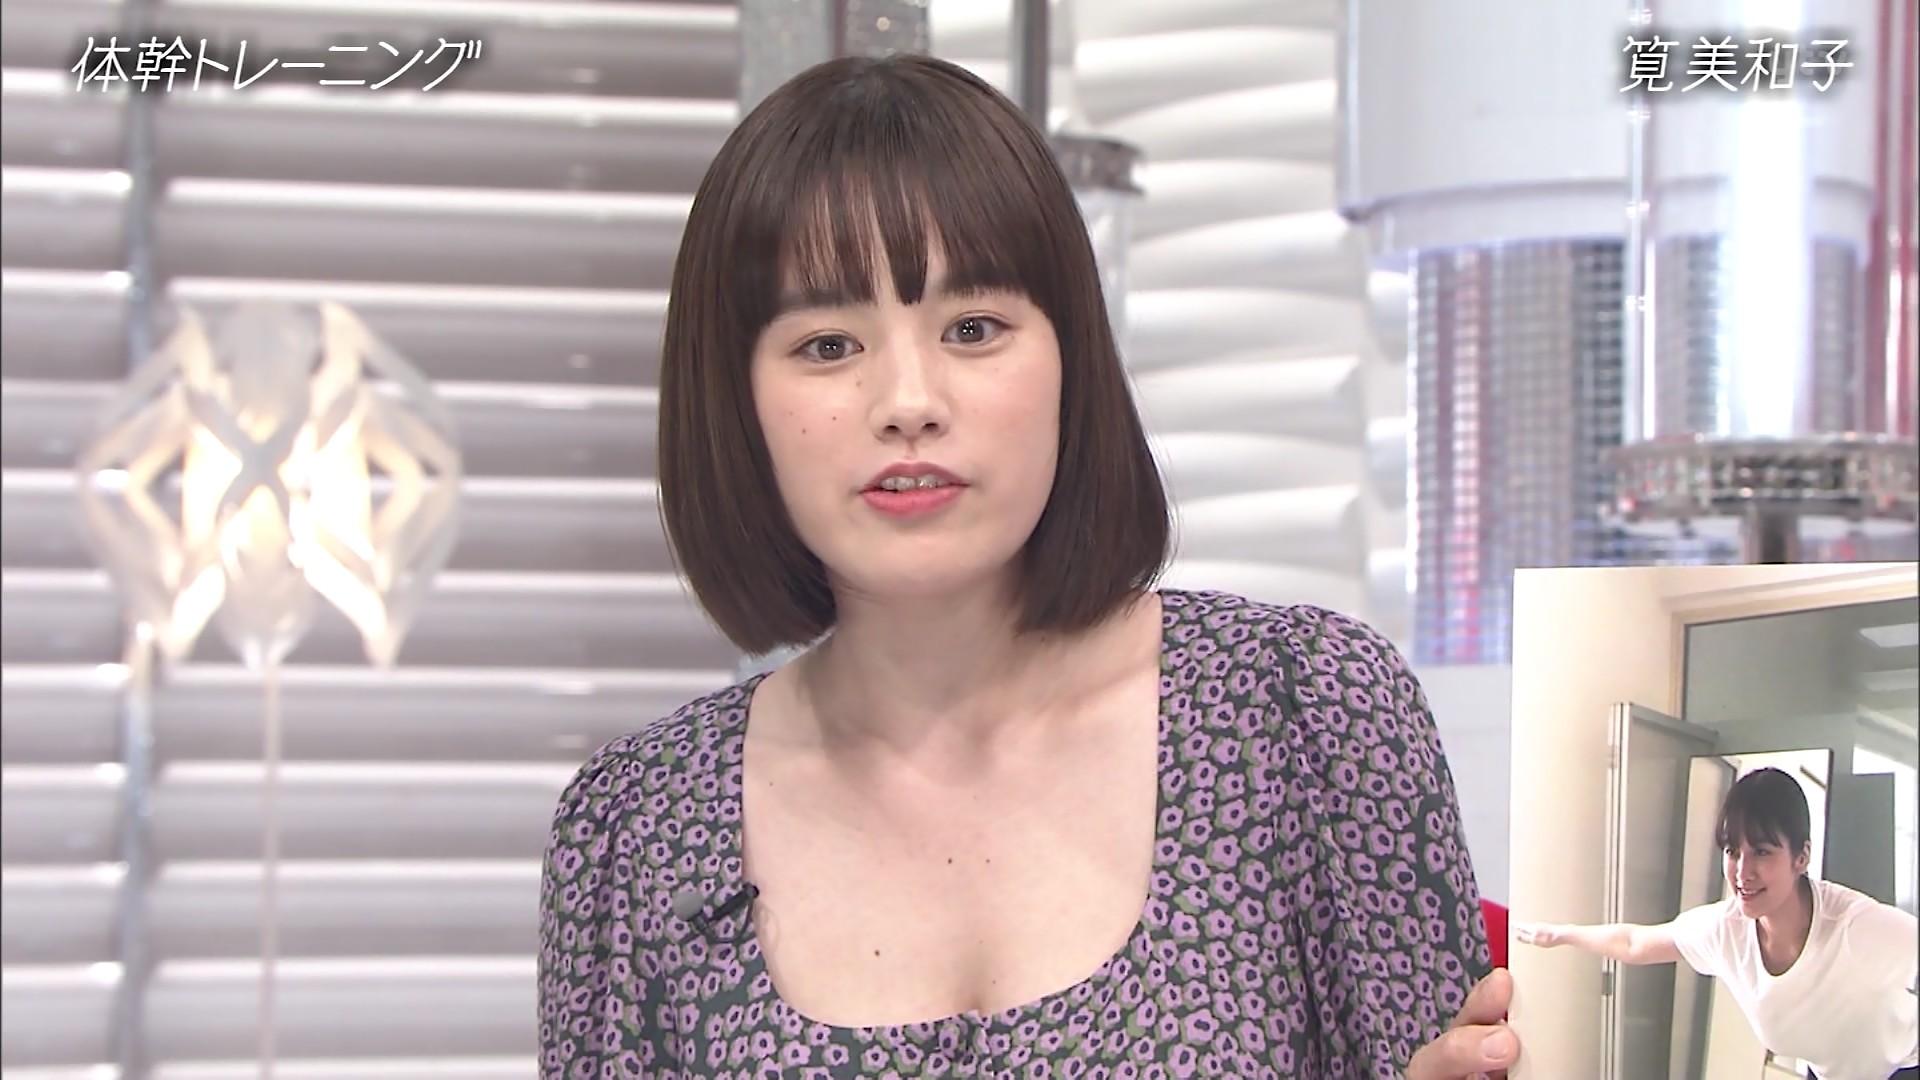 胸チラ_谷間_おっぱい_おしゃれイズム_27